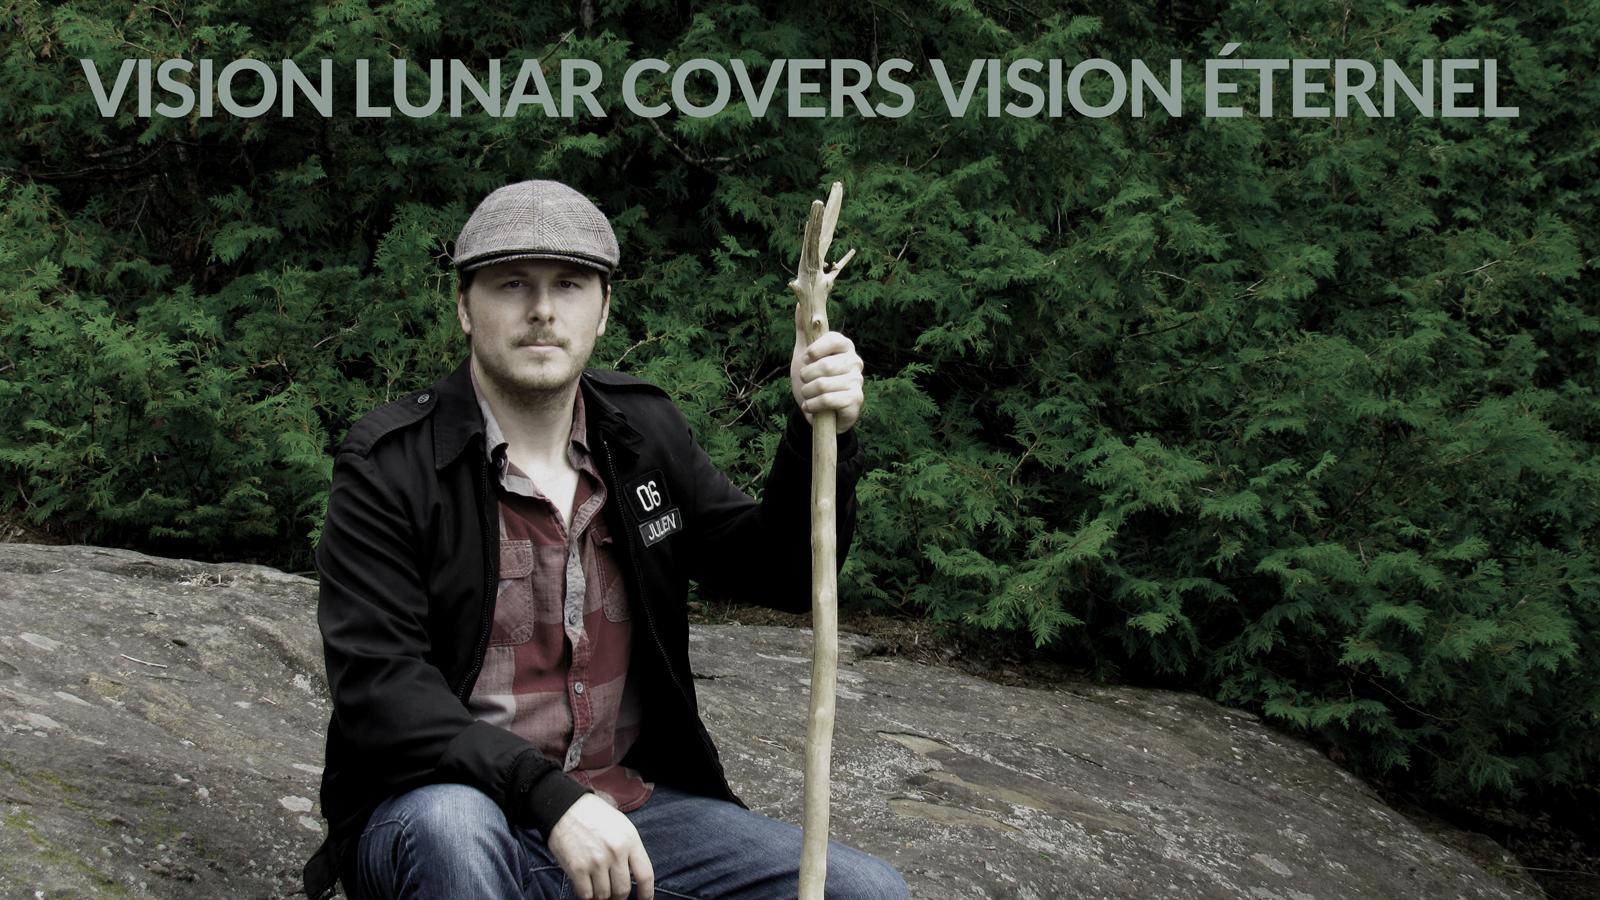 Vision Lunar Covers Vision Éternel